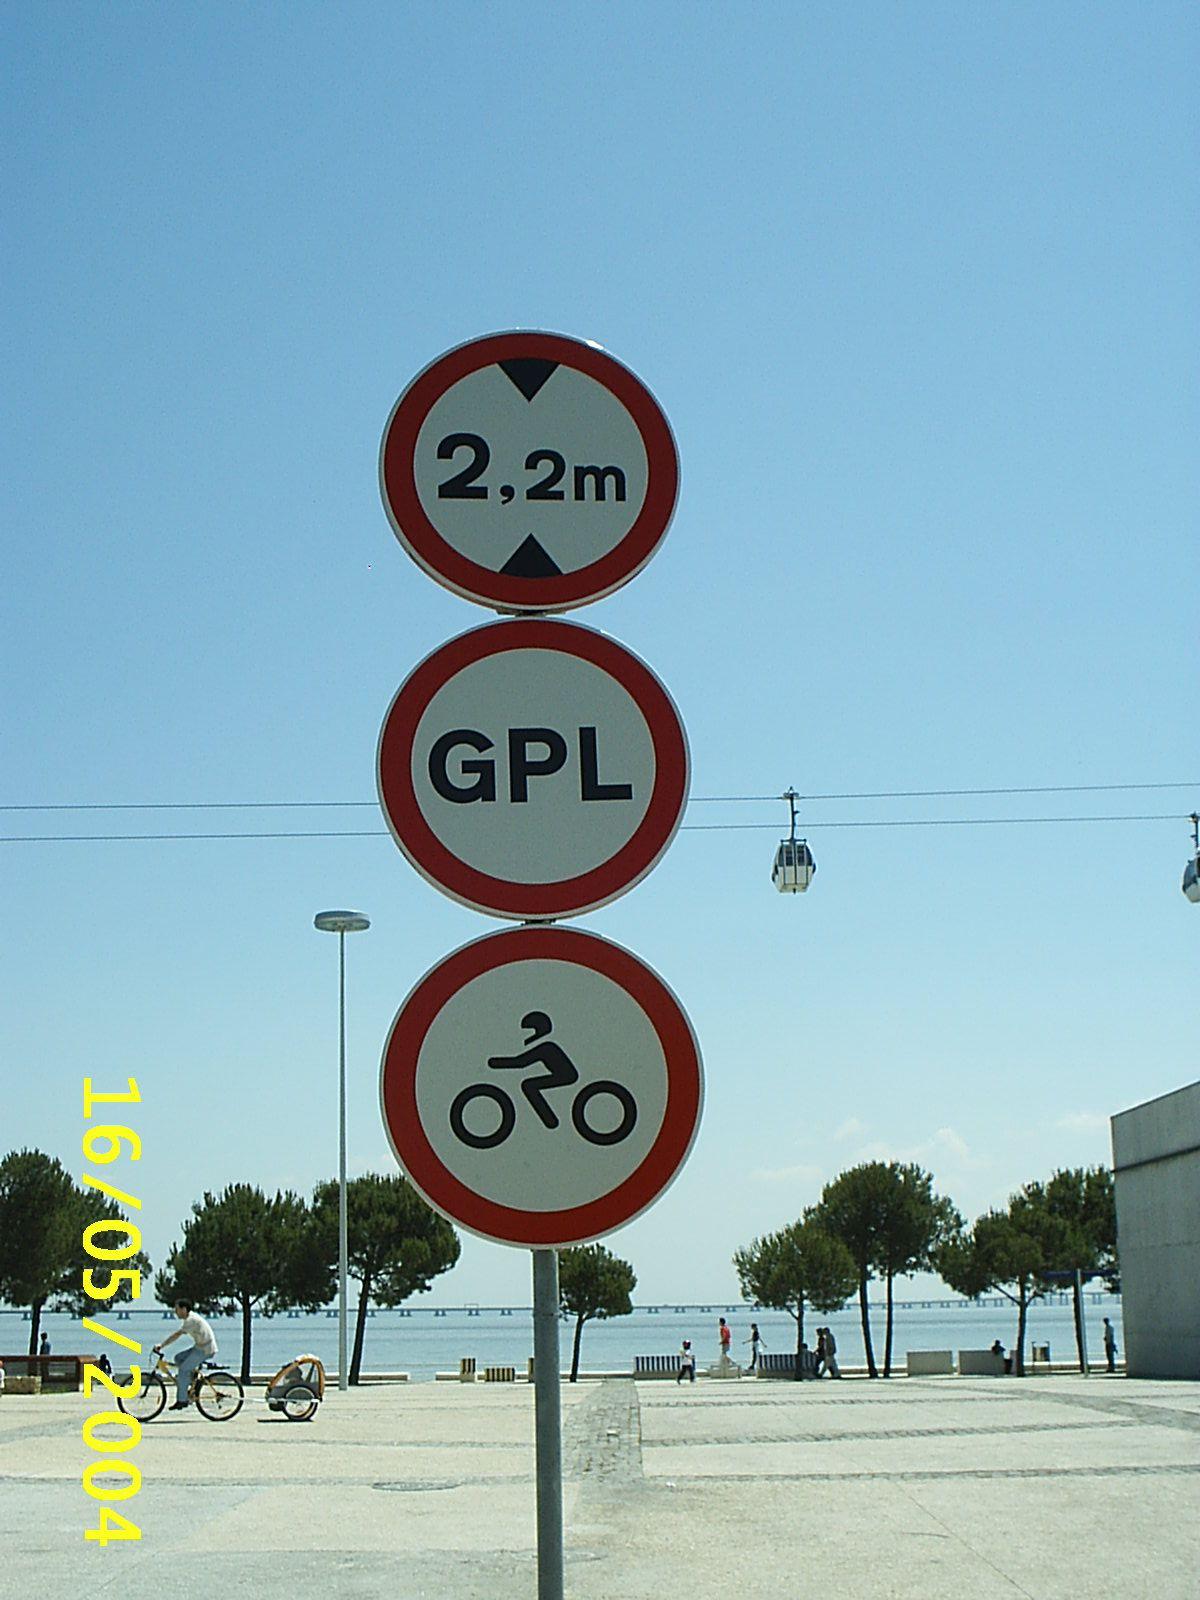 Prohibido circular GPL